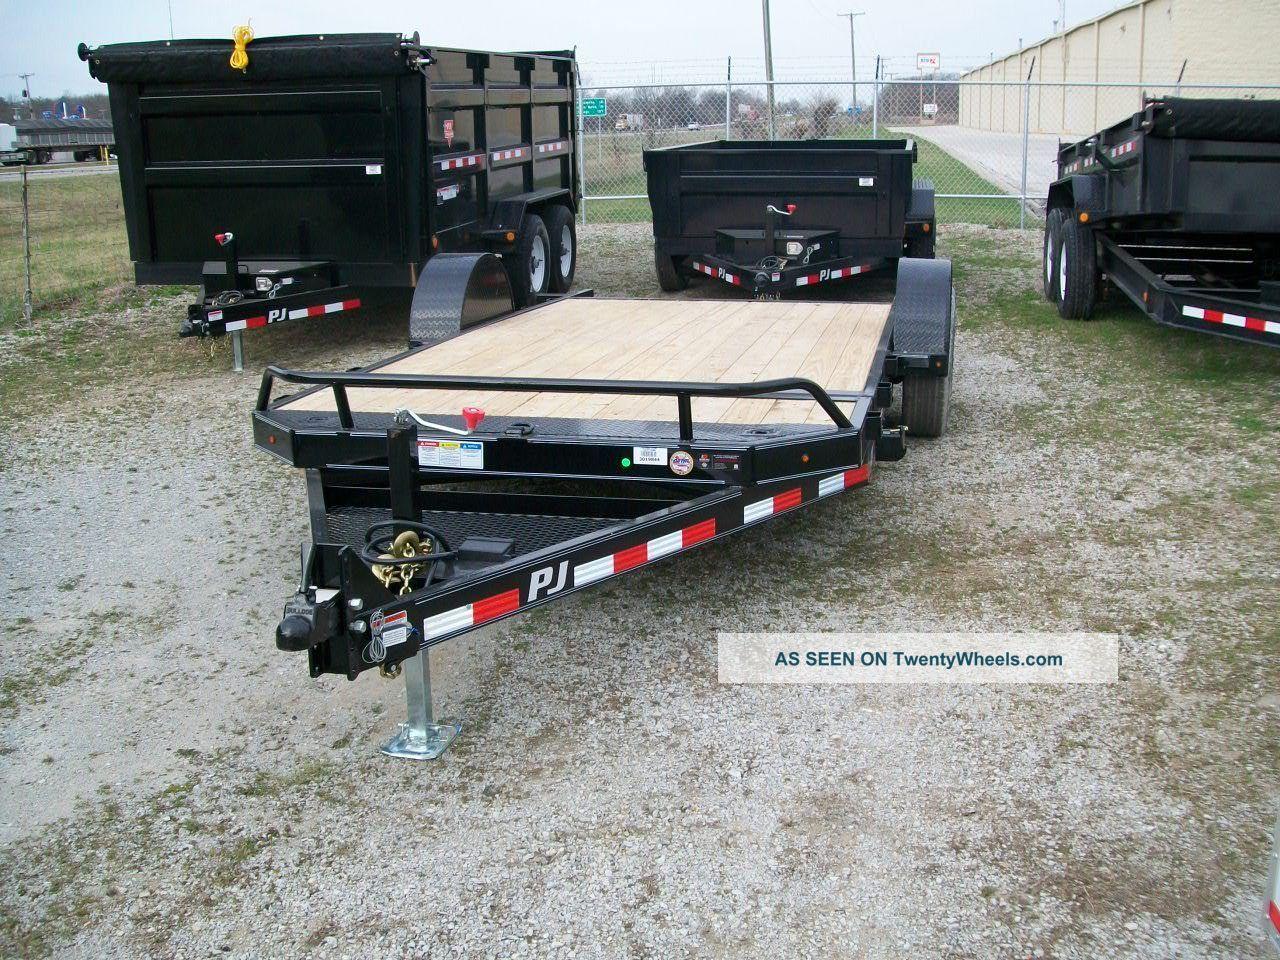 16 Single Axle Trailer : Pj tilt equipment trailer gvw single